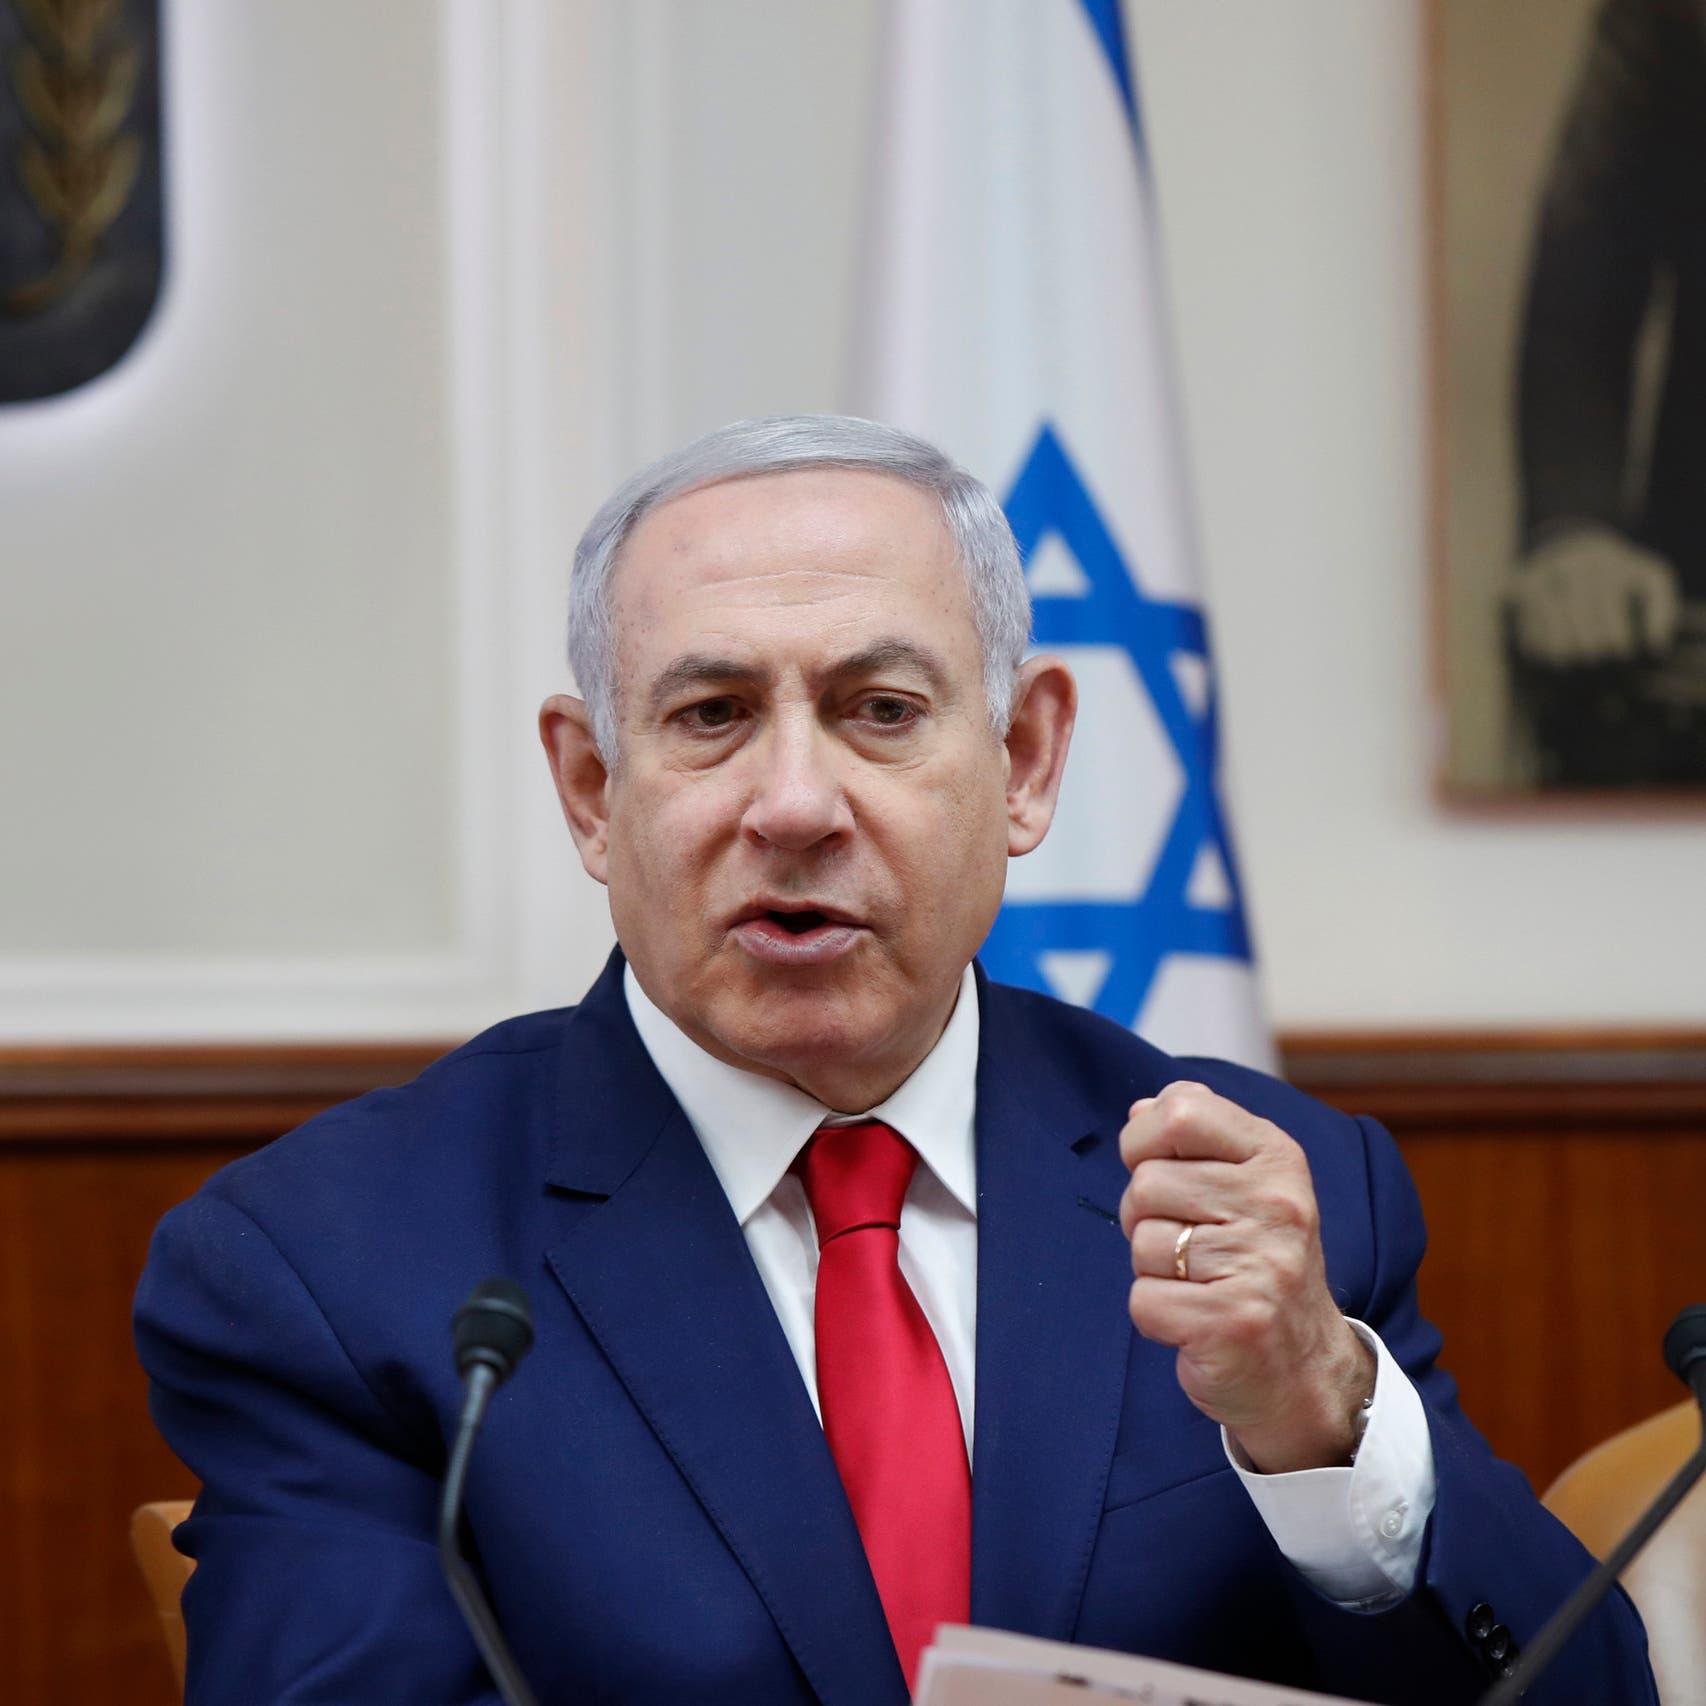 نتنياهو يهدد بضم غور الأردن.. وإدانات عربية واسعة